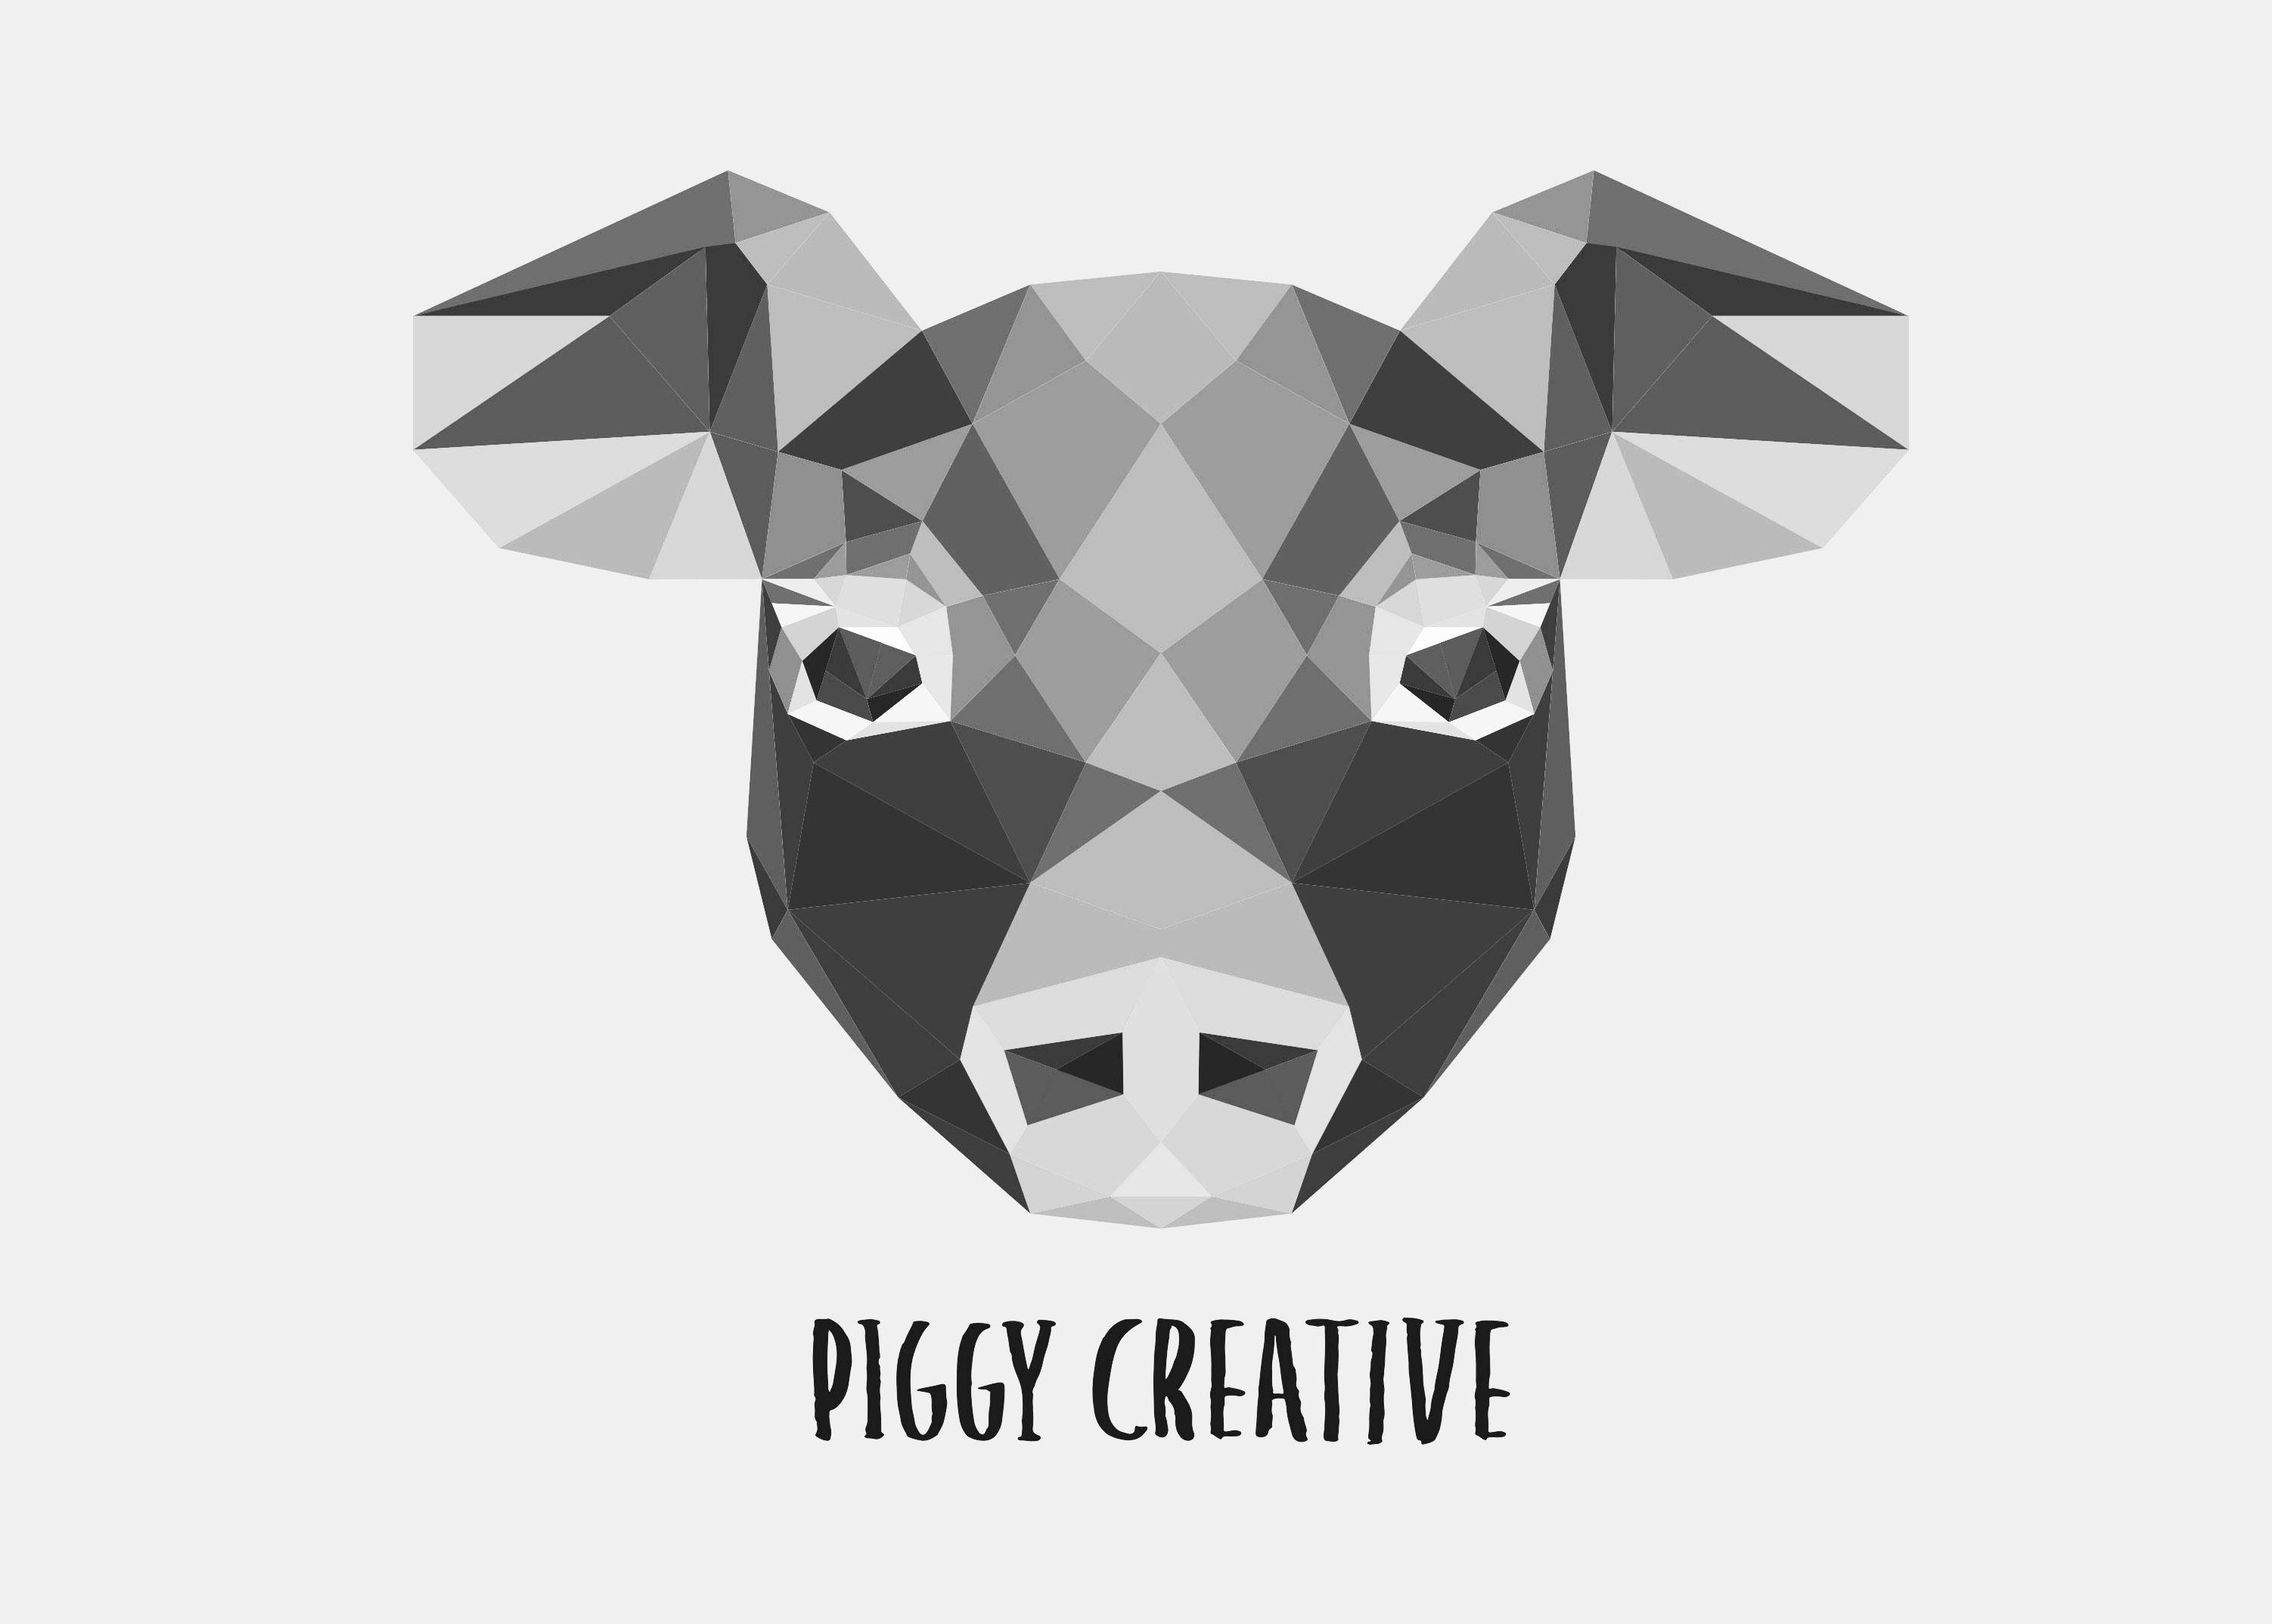 piggycreative_laurapaananen